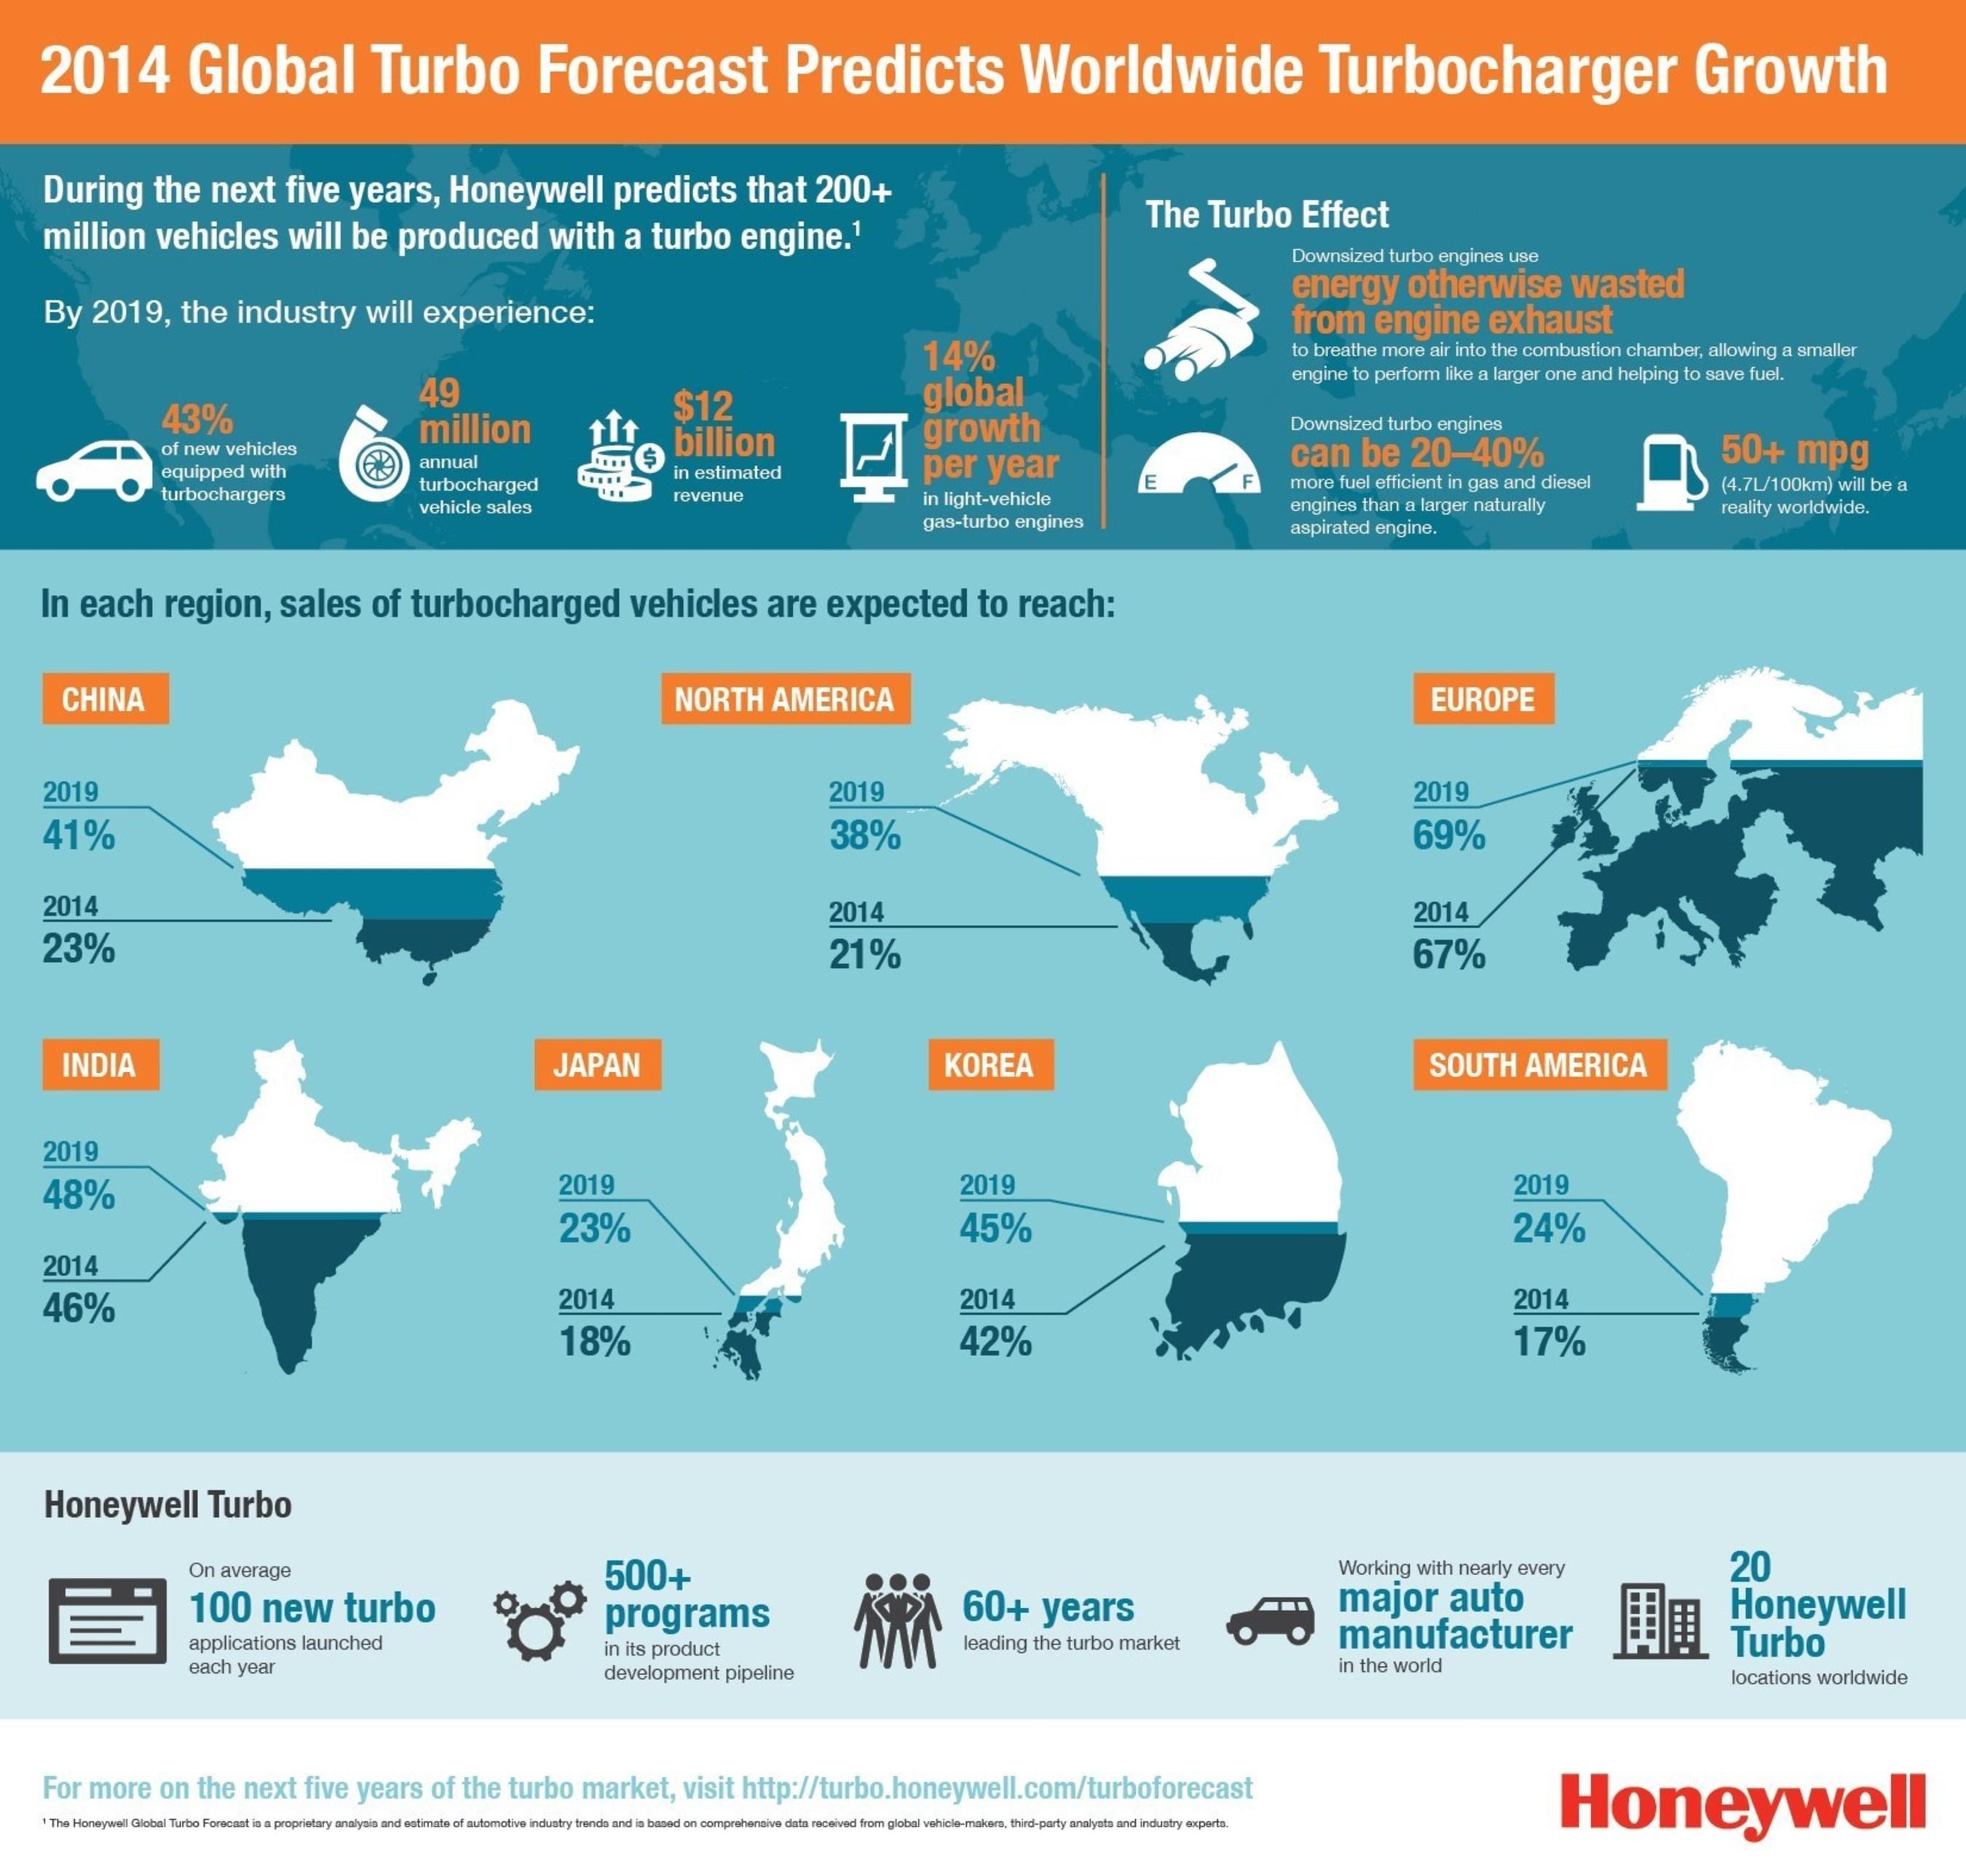 Bis 2019 sollen laut Honeywell Global Turbo Forecast 49 Mio. Fahrzeuge mit Turboaufladung pro Jahr